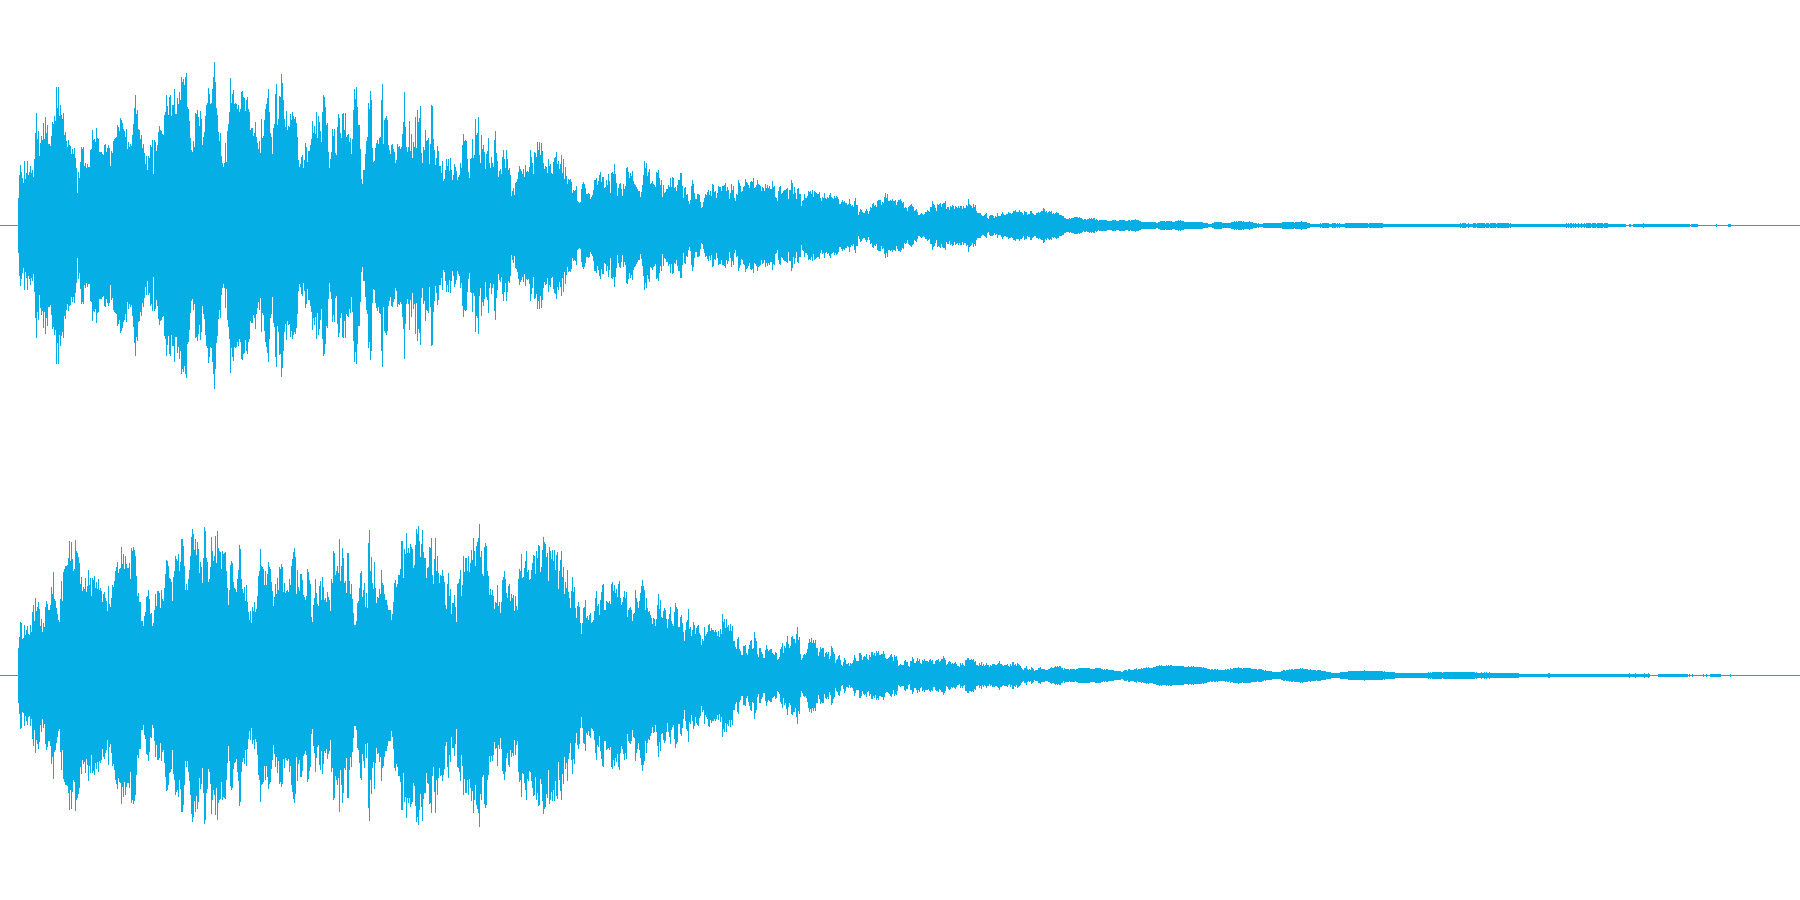 コキカ〜ン (水晶のような美しい音)の再生済みの波形